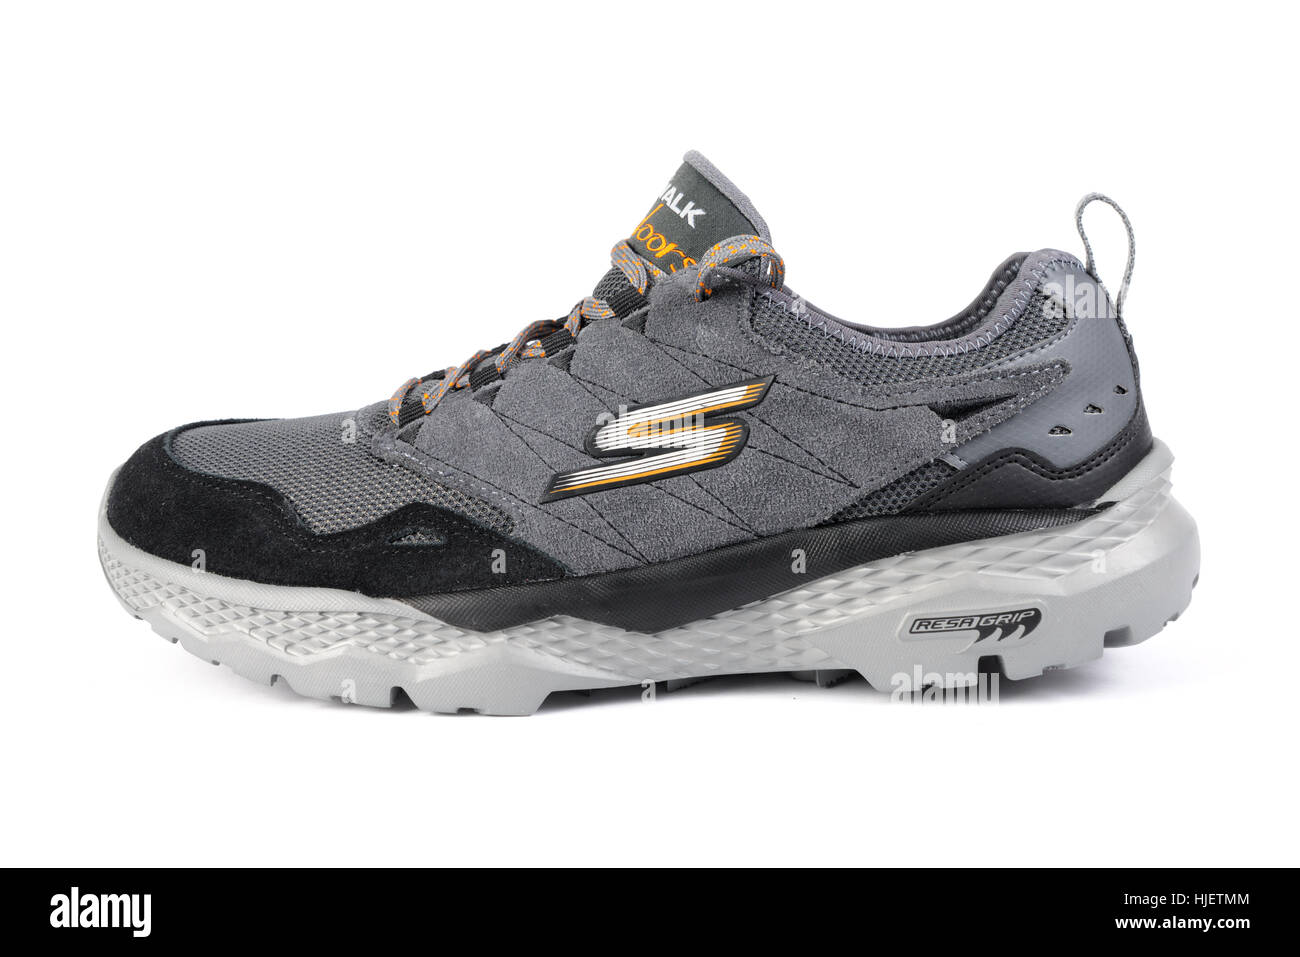 Grau Skechers Wandern Schuh isoliert auf weißem Hintergrund